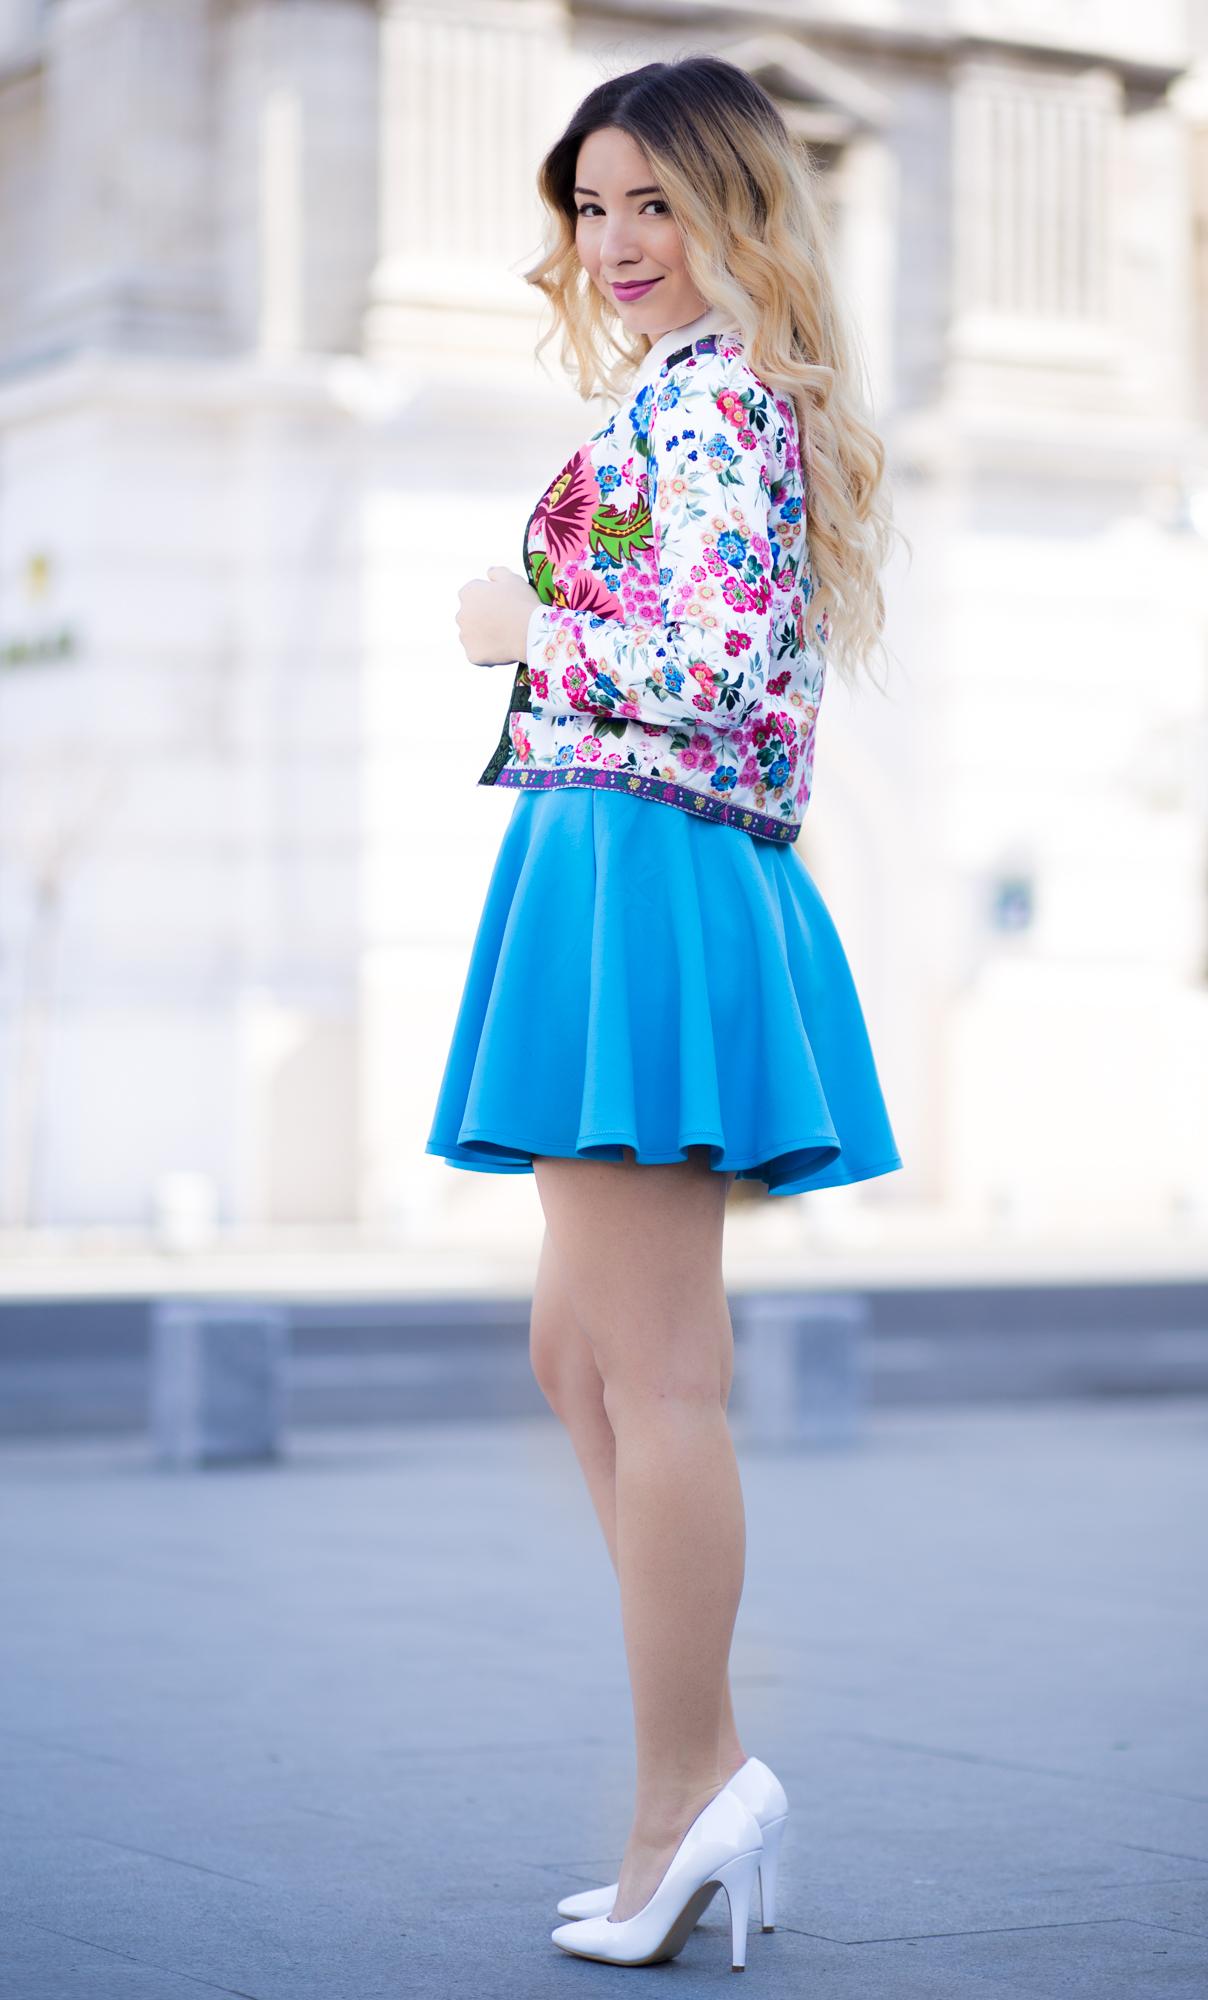 Andreea Pantilinescu - blogger de moda